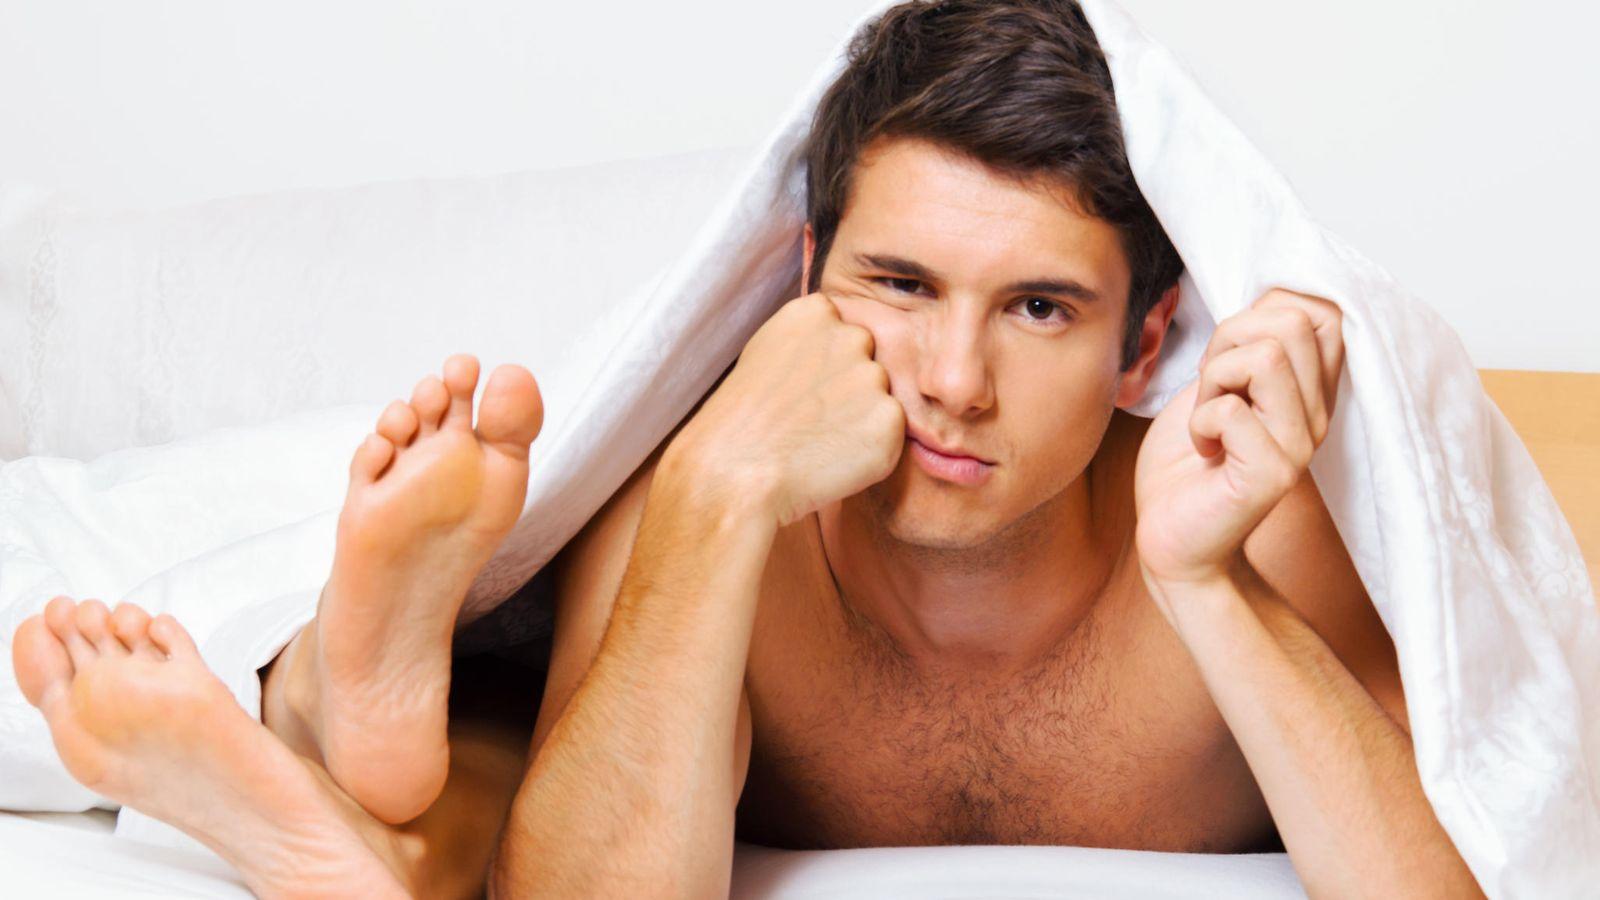 sexwork tre suomi tunteet